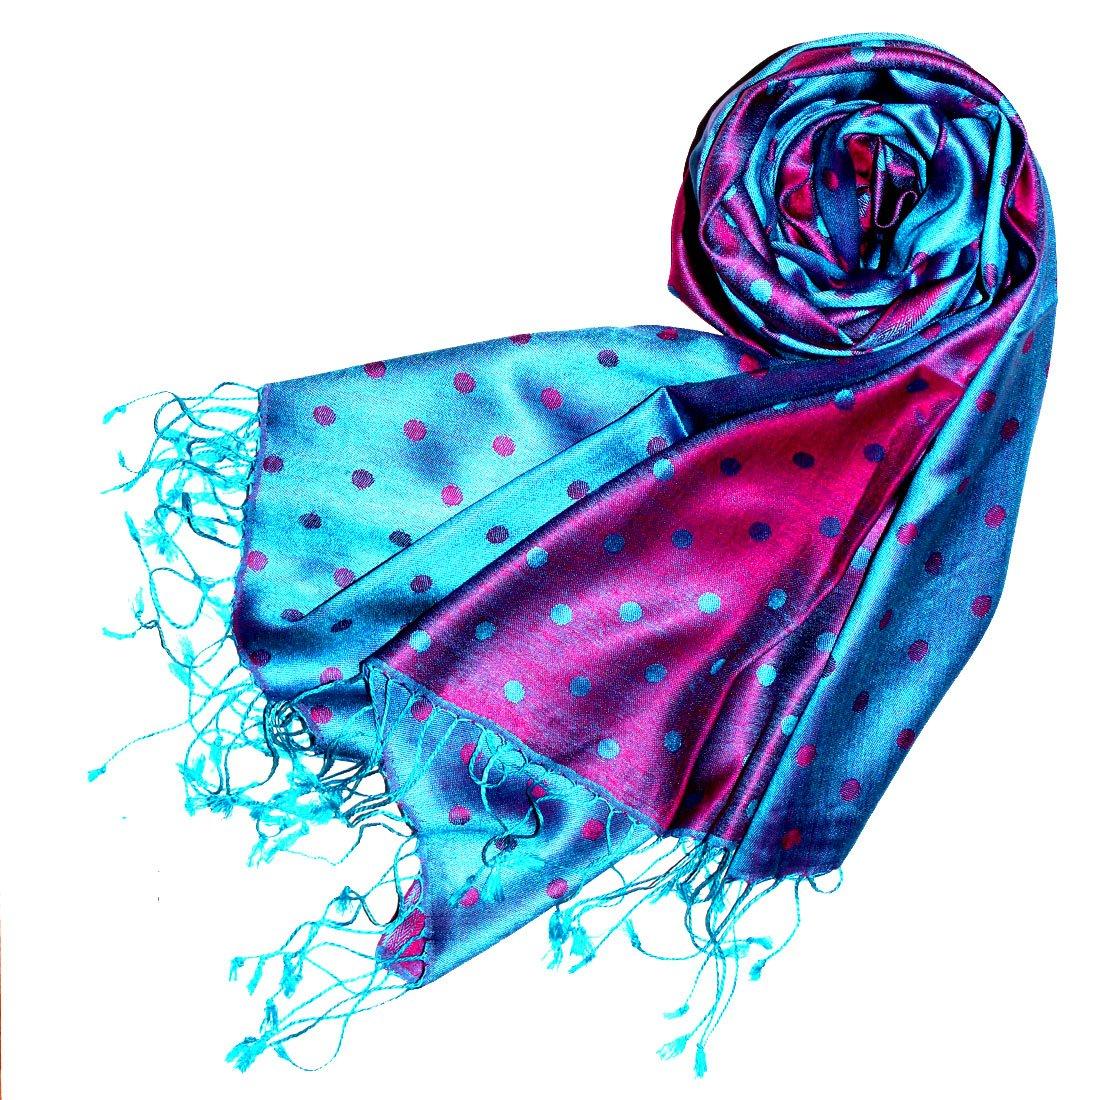 Lorenzo Cana Luxus Damen Pashmina 70% Seide 30% Viskose mit Punkten Schaltuch 70 x 190 cm zweifarbig Schal Stola Damenschal 78059